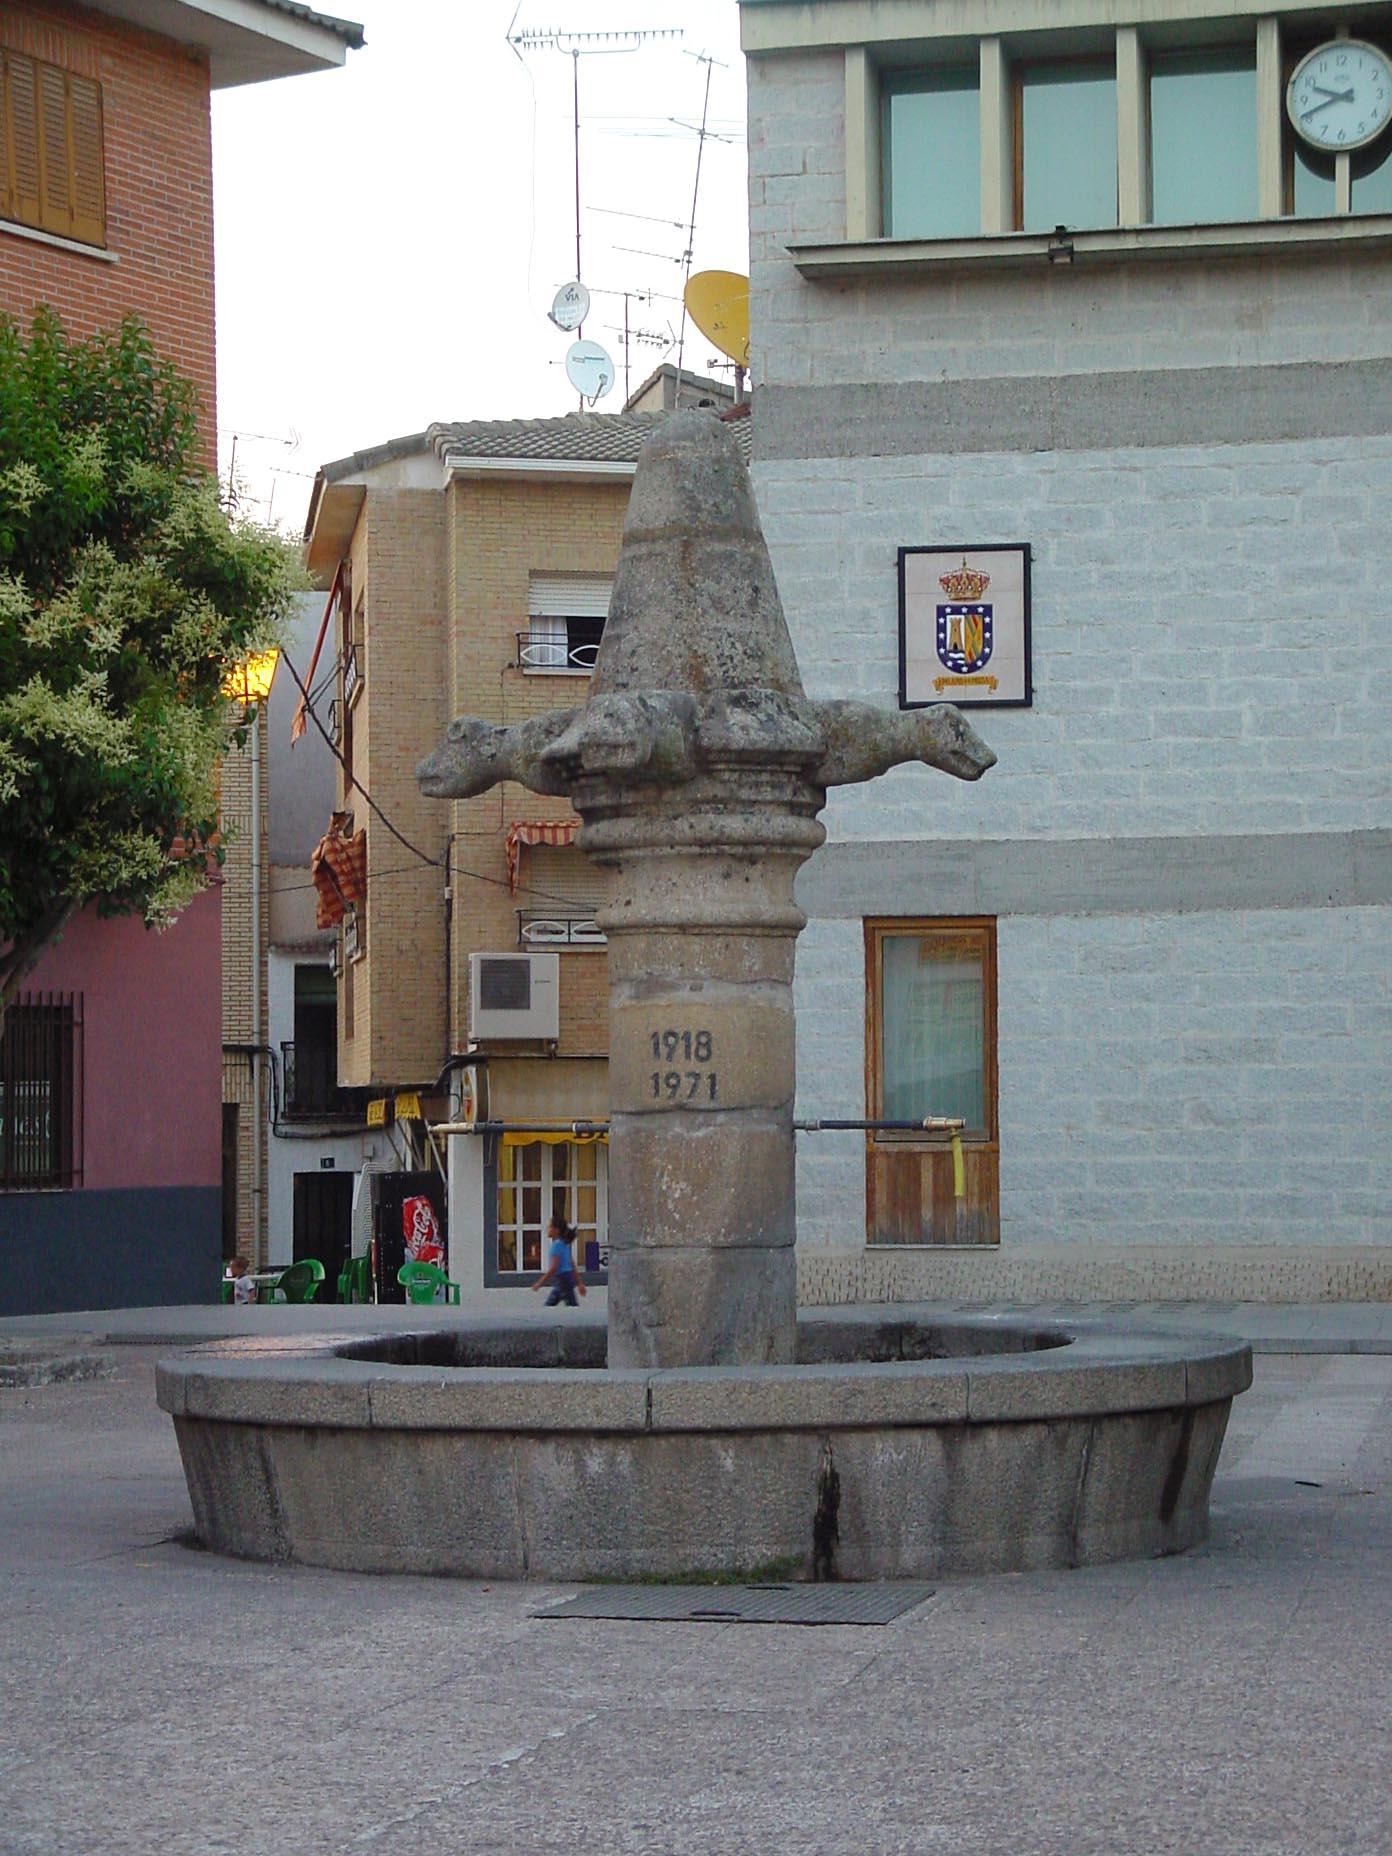 Fuente de piedra antiguo cadarso en Pelayos de la Presa